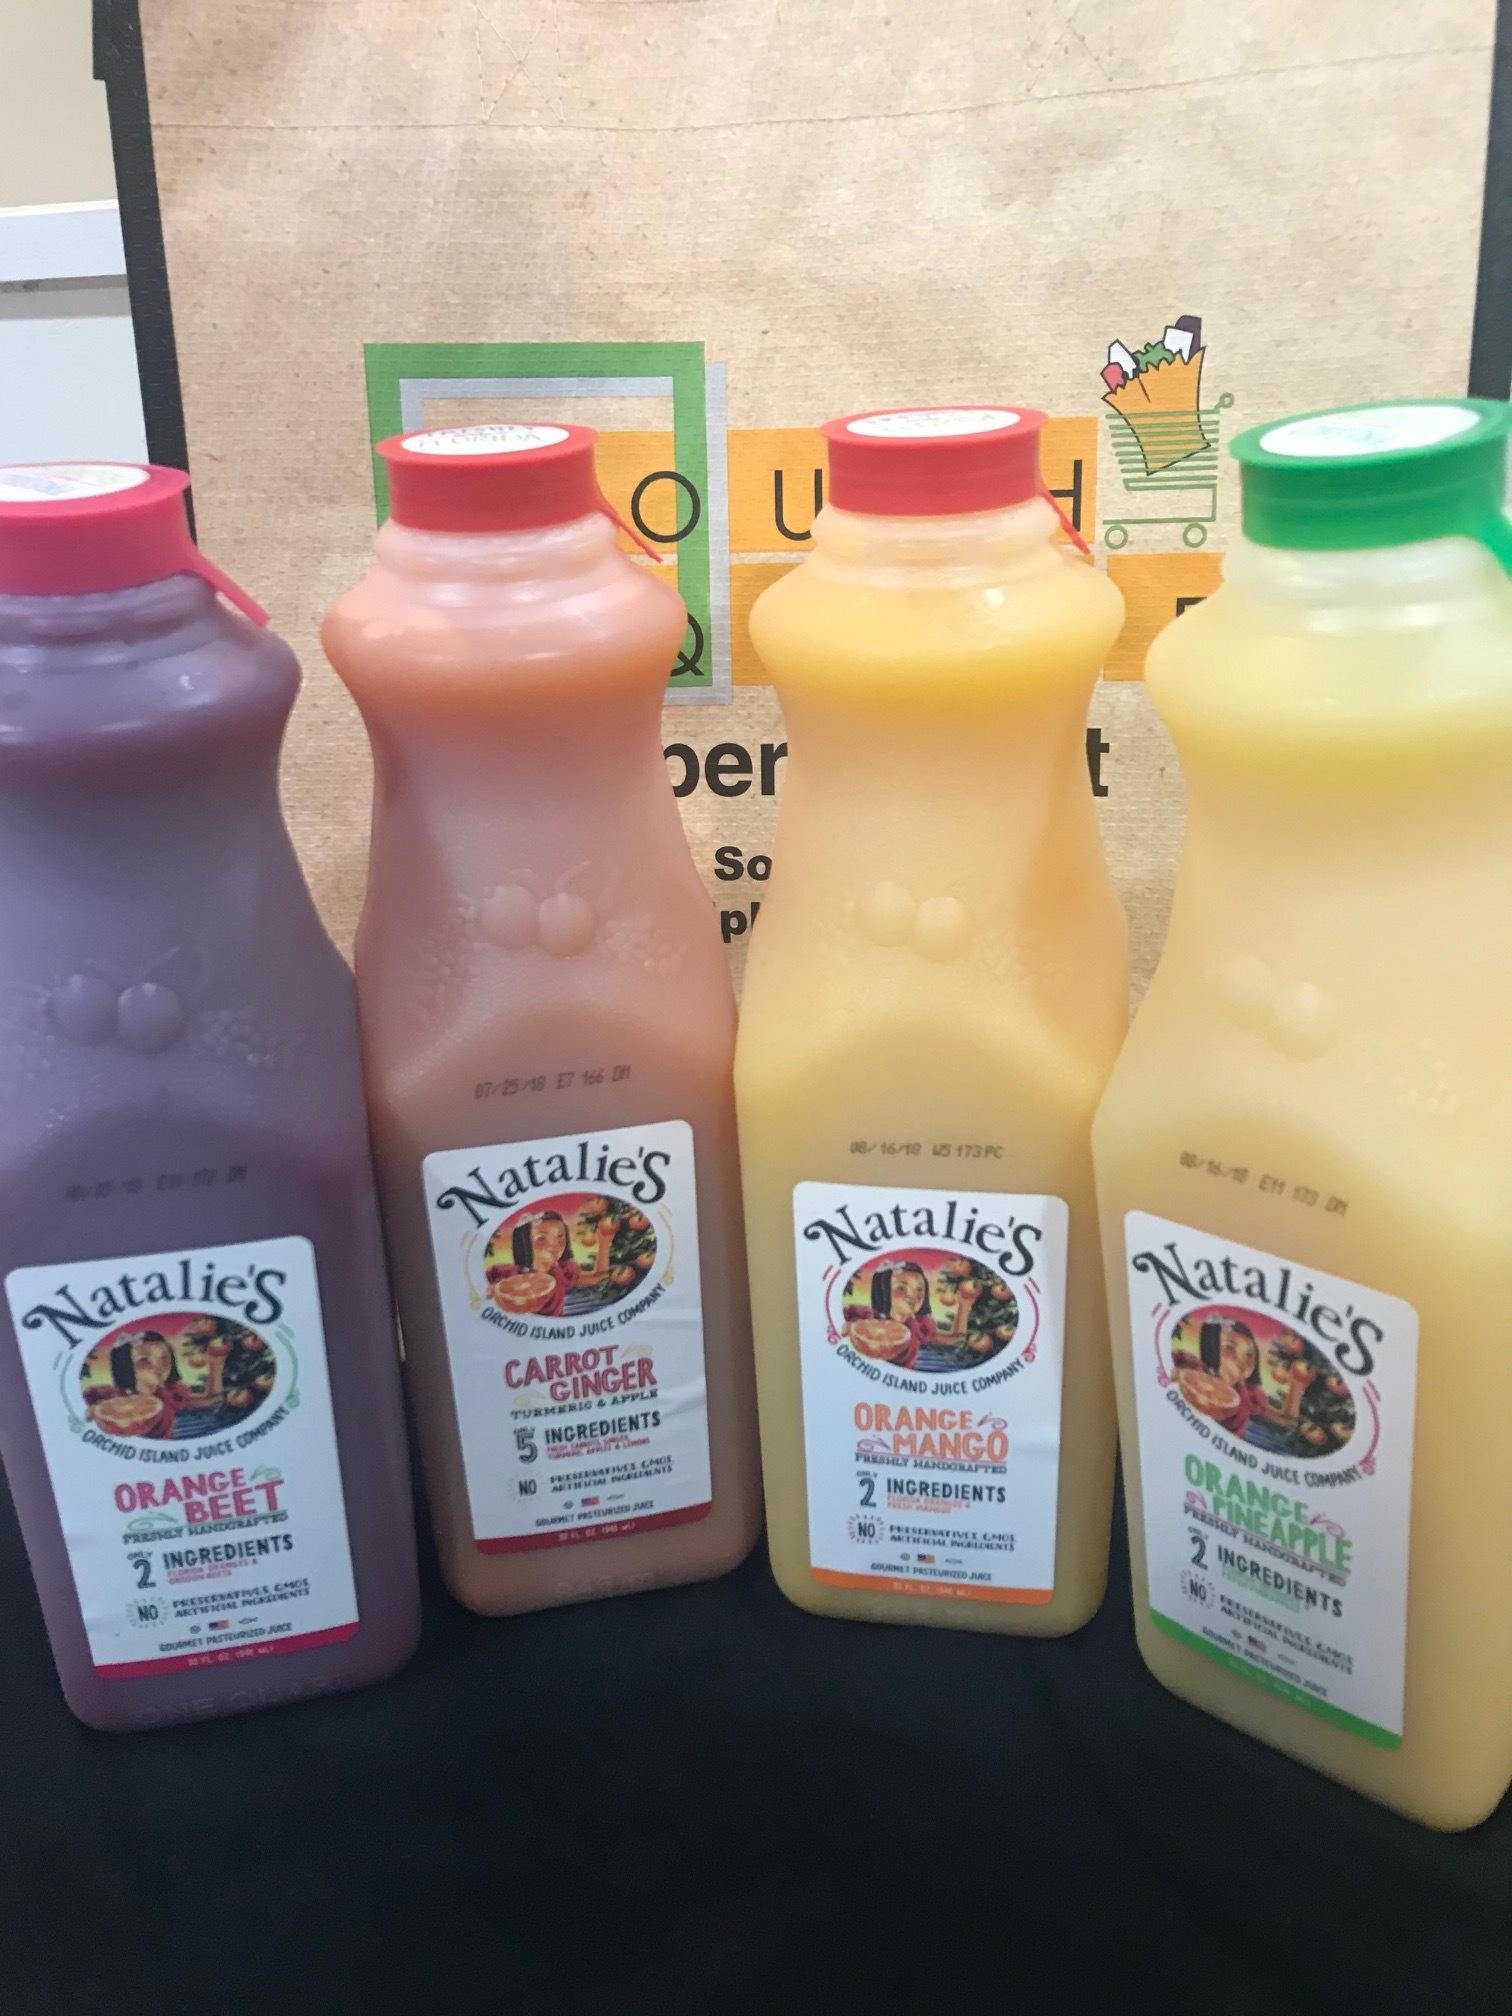 Natalie's Natural Juice Blends